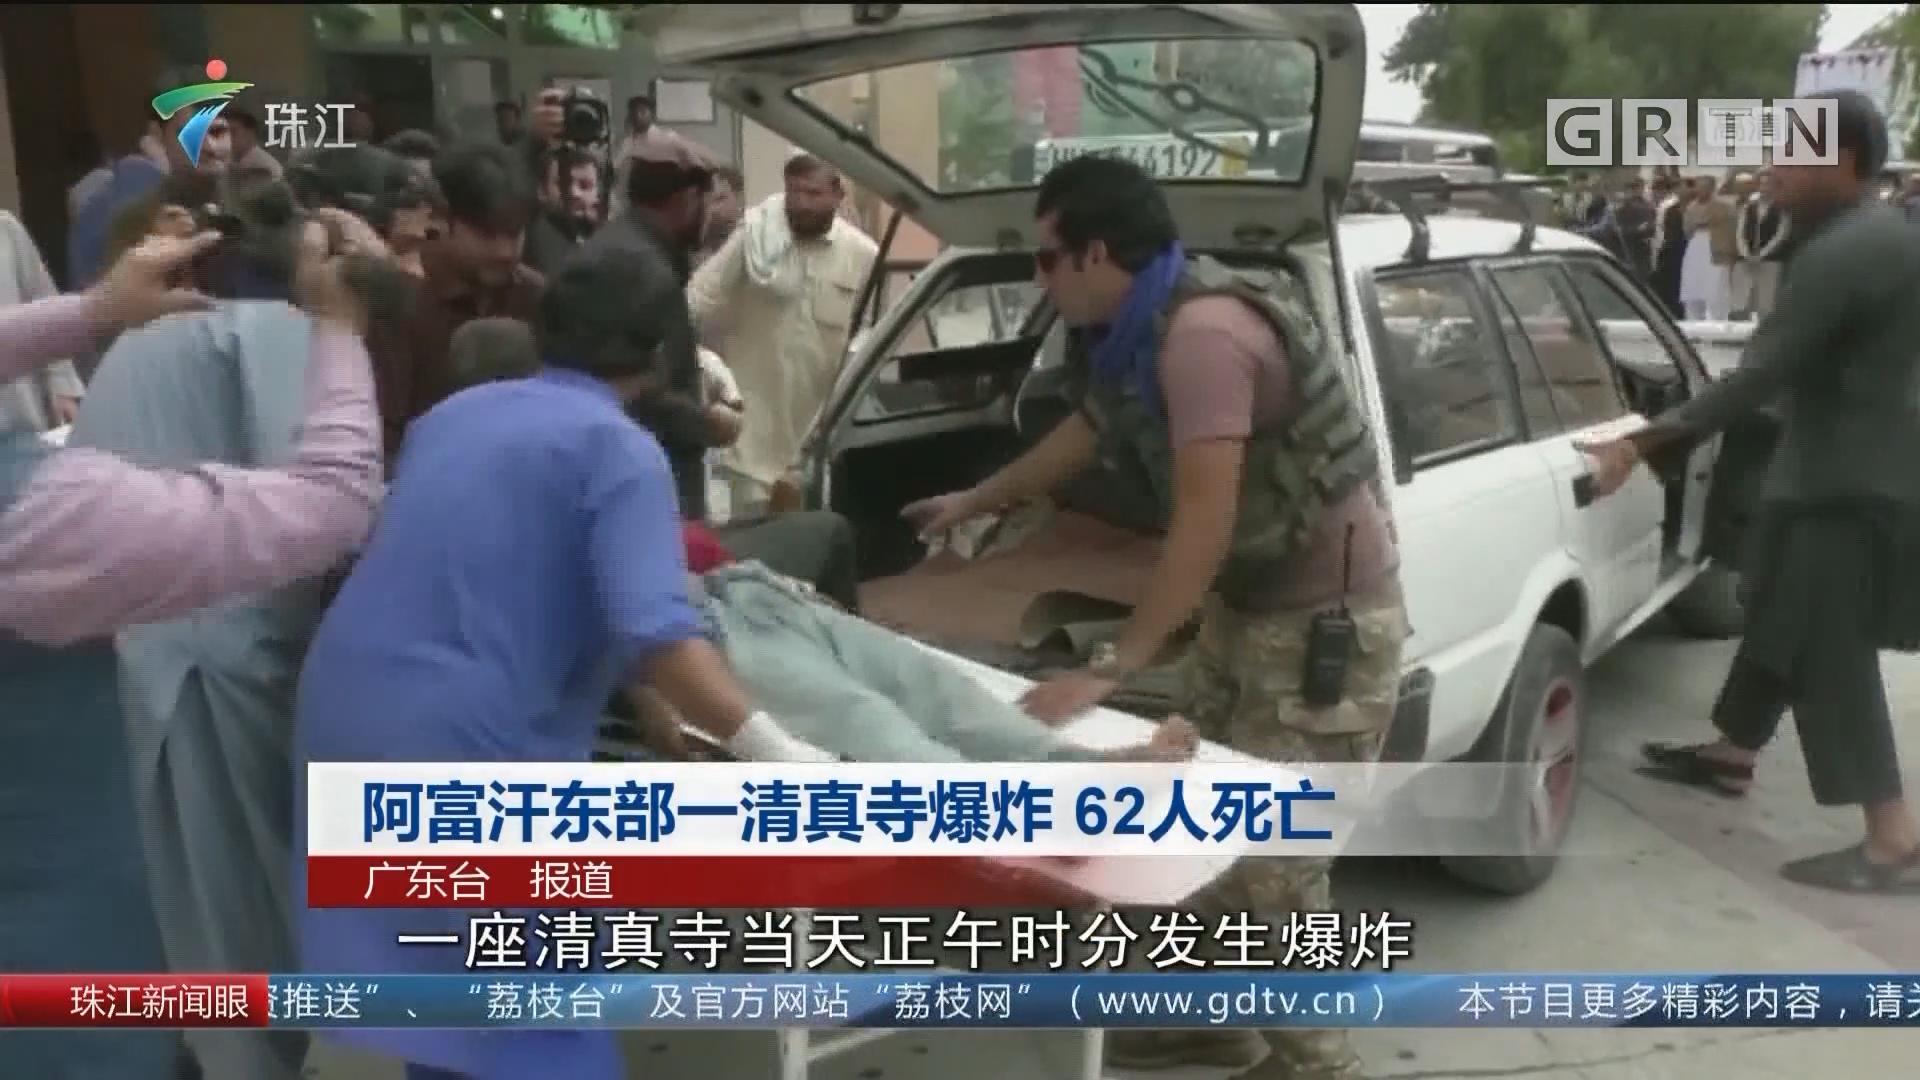 阿富汗东部一清真寺爆炸 62人死亡